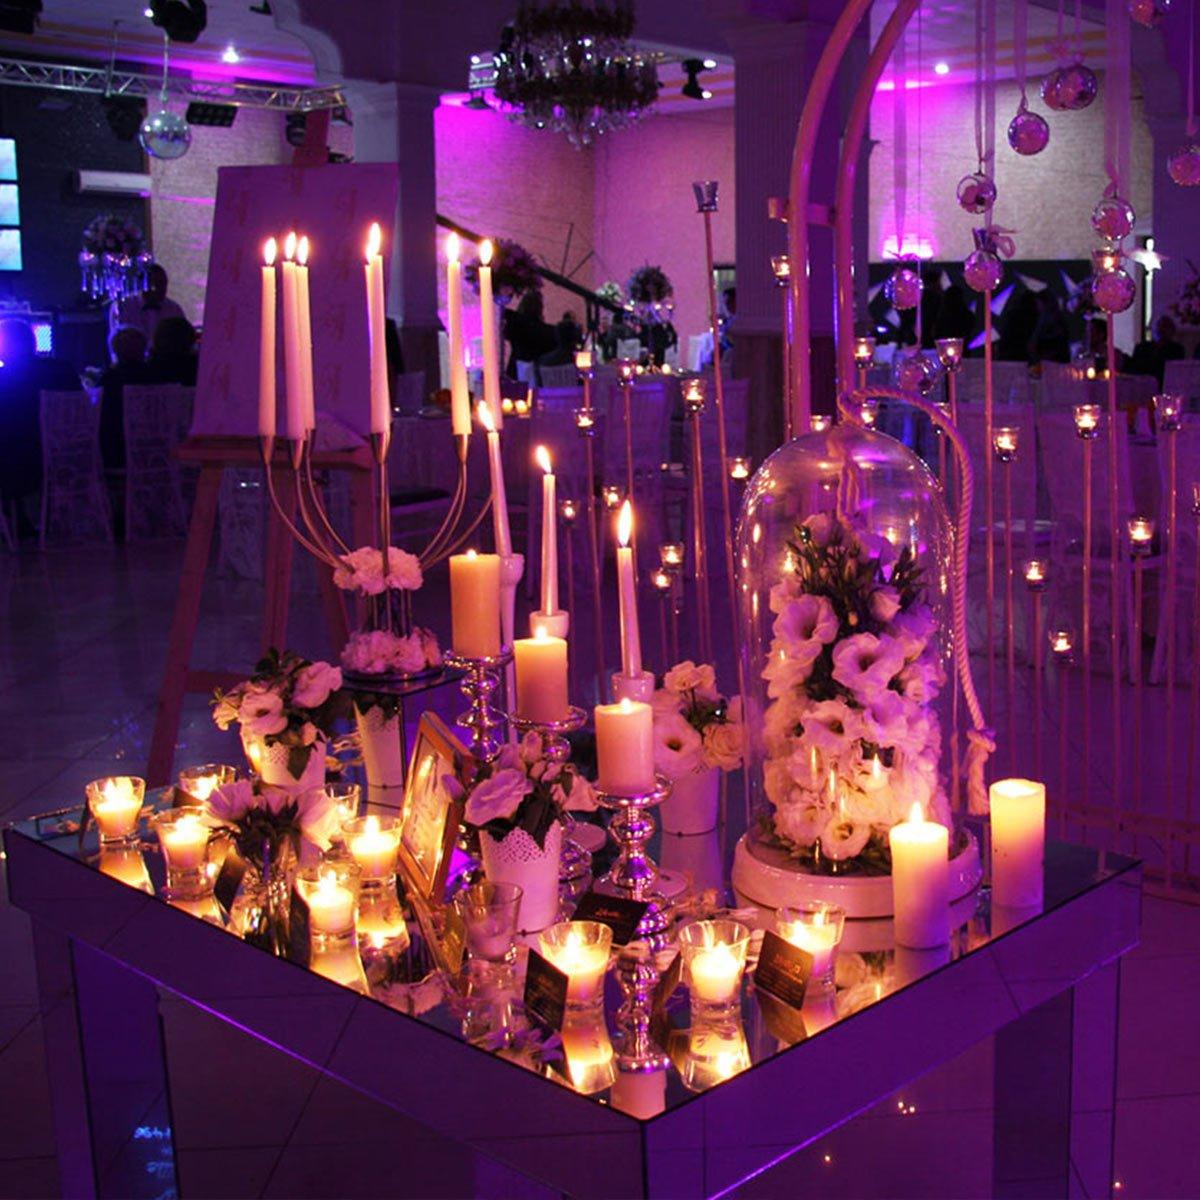 نور پردازی و شمع آرایی رامیلا